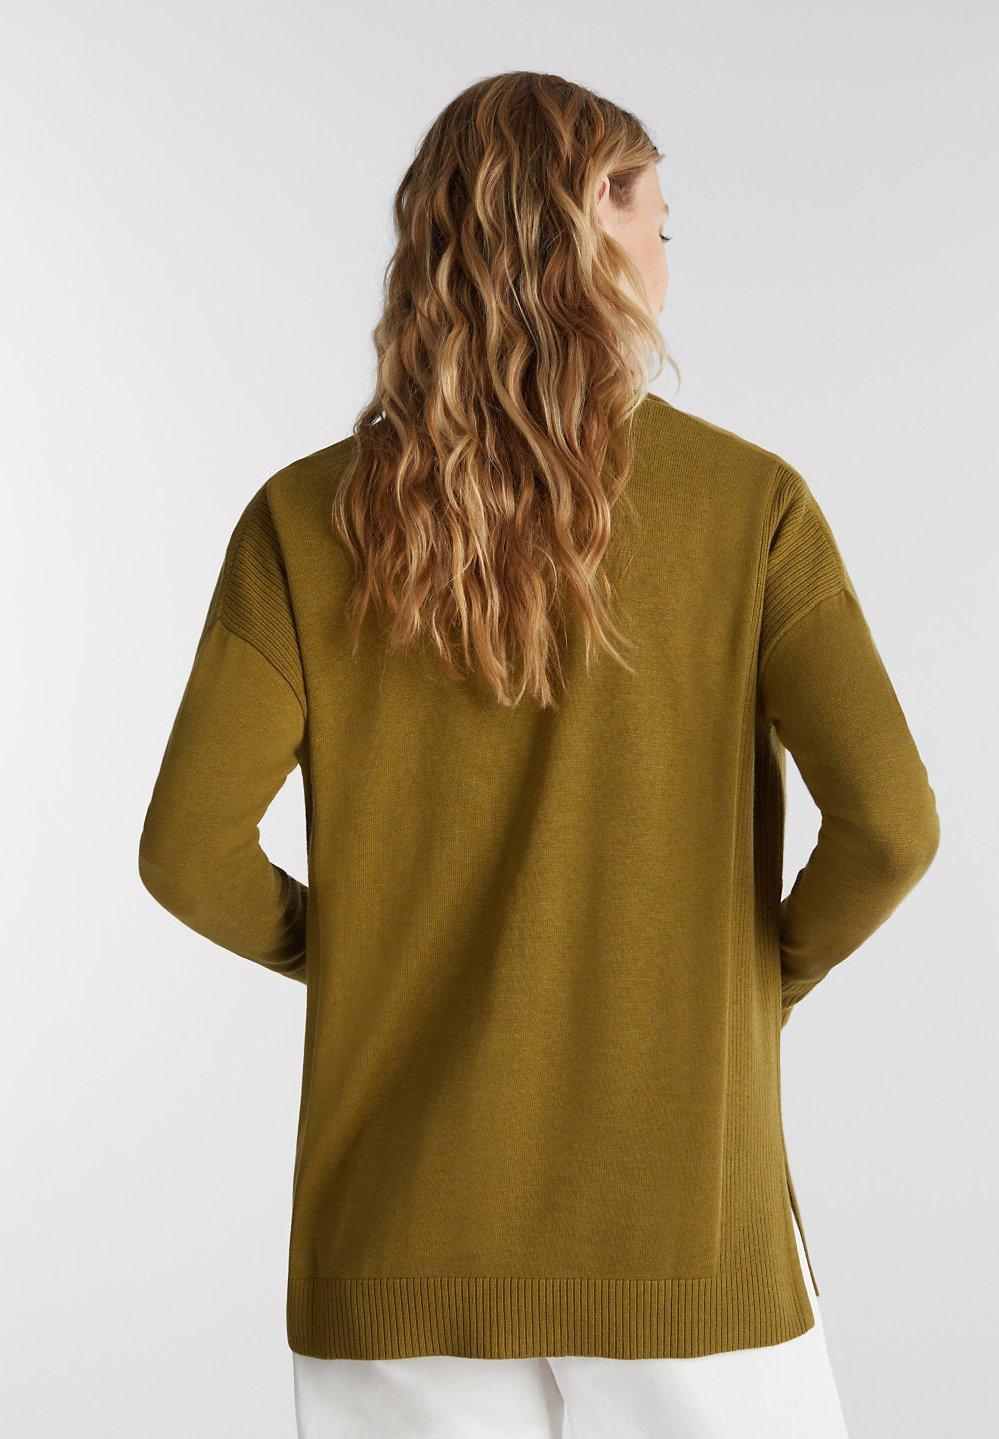 Esprit Vest - olive - Dames jas Aanbod